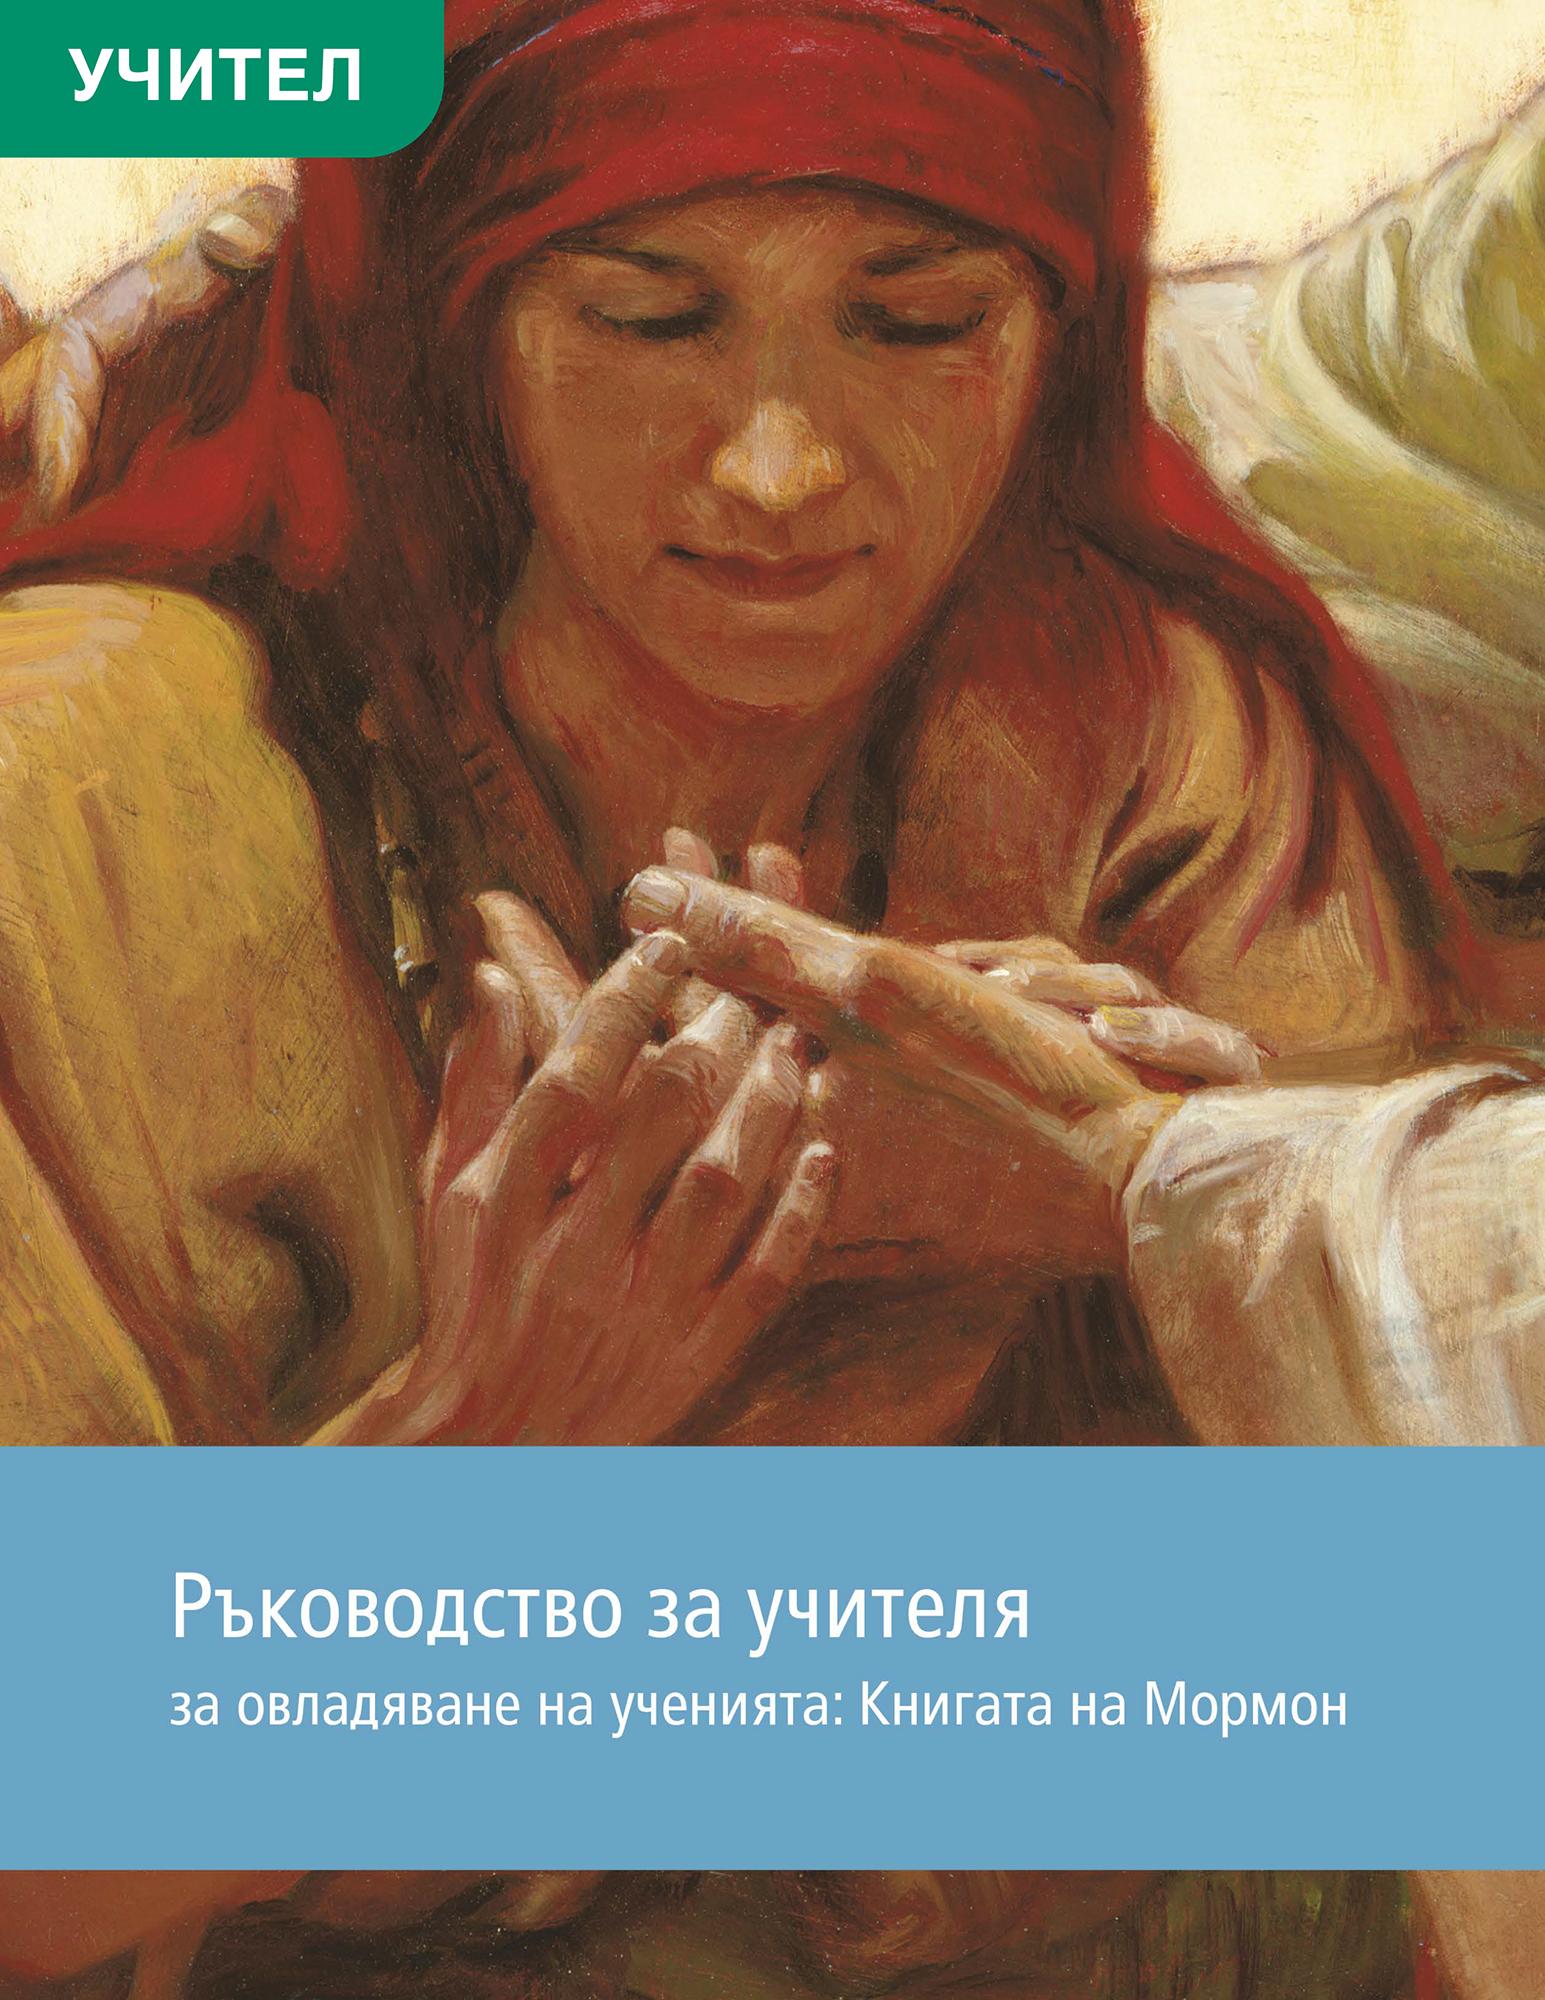 Ръководство за учителя за овладяване на ученията: Книгата на Мормон